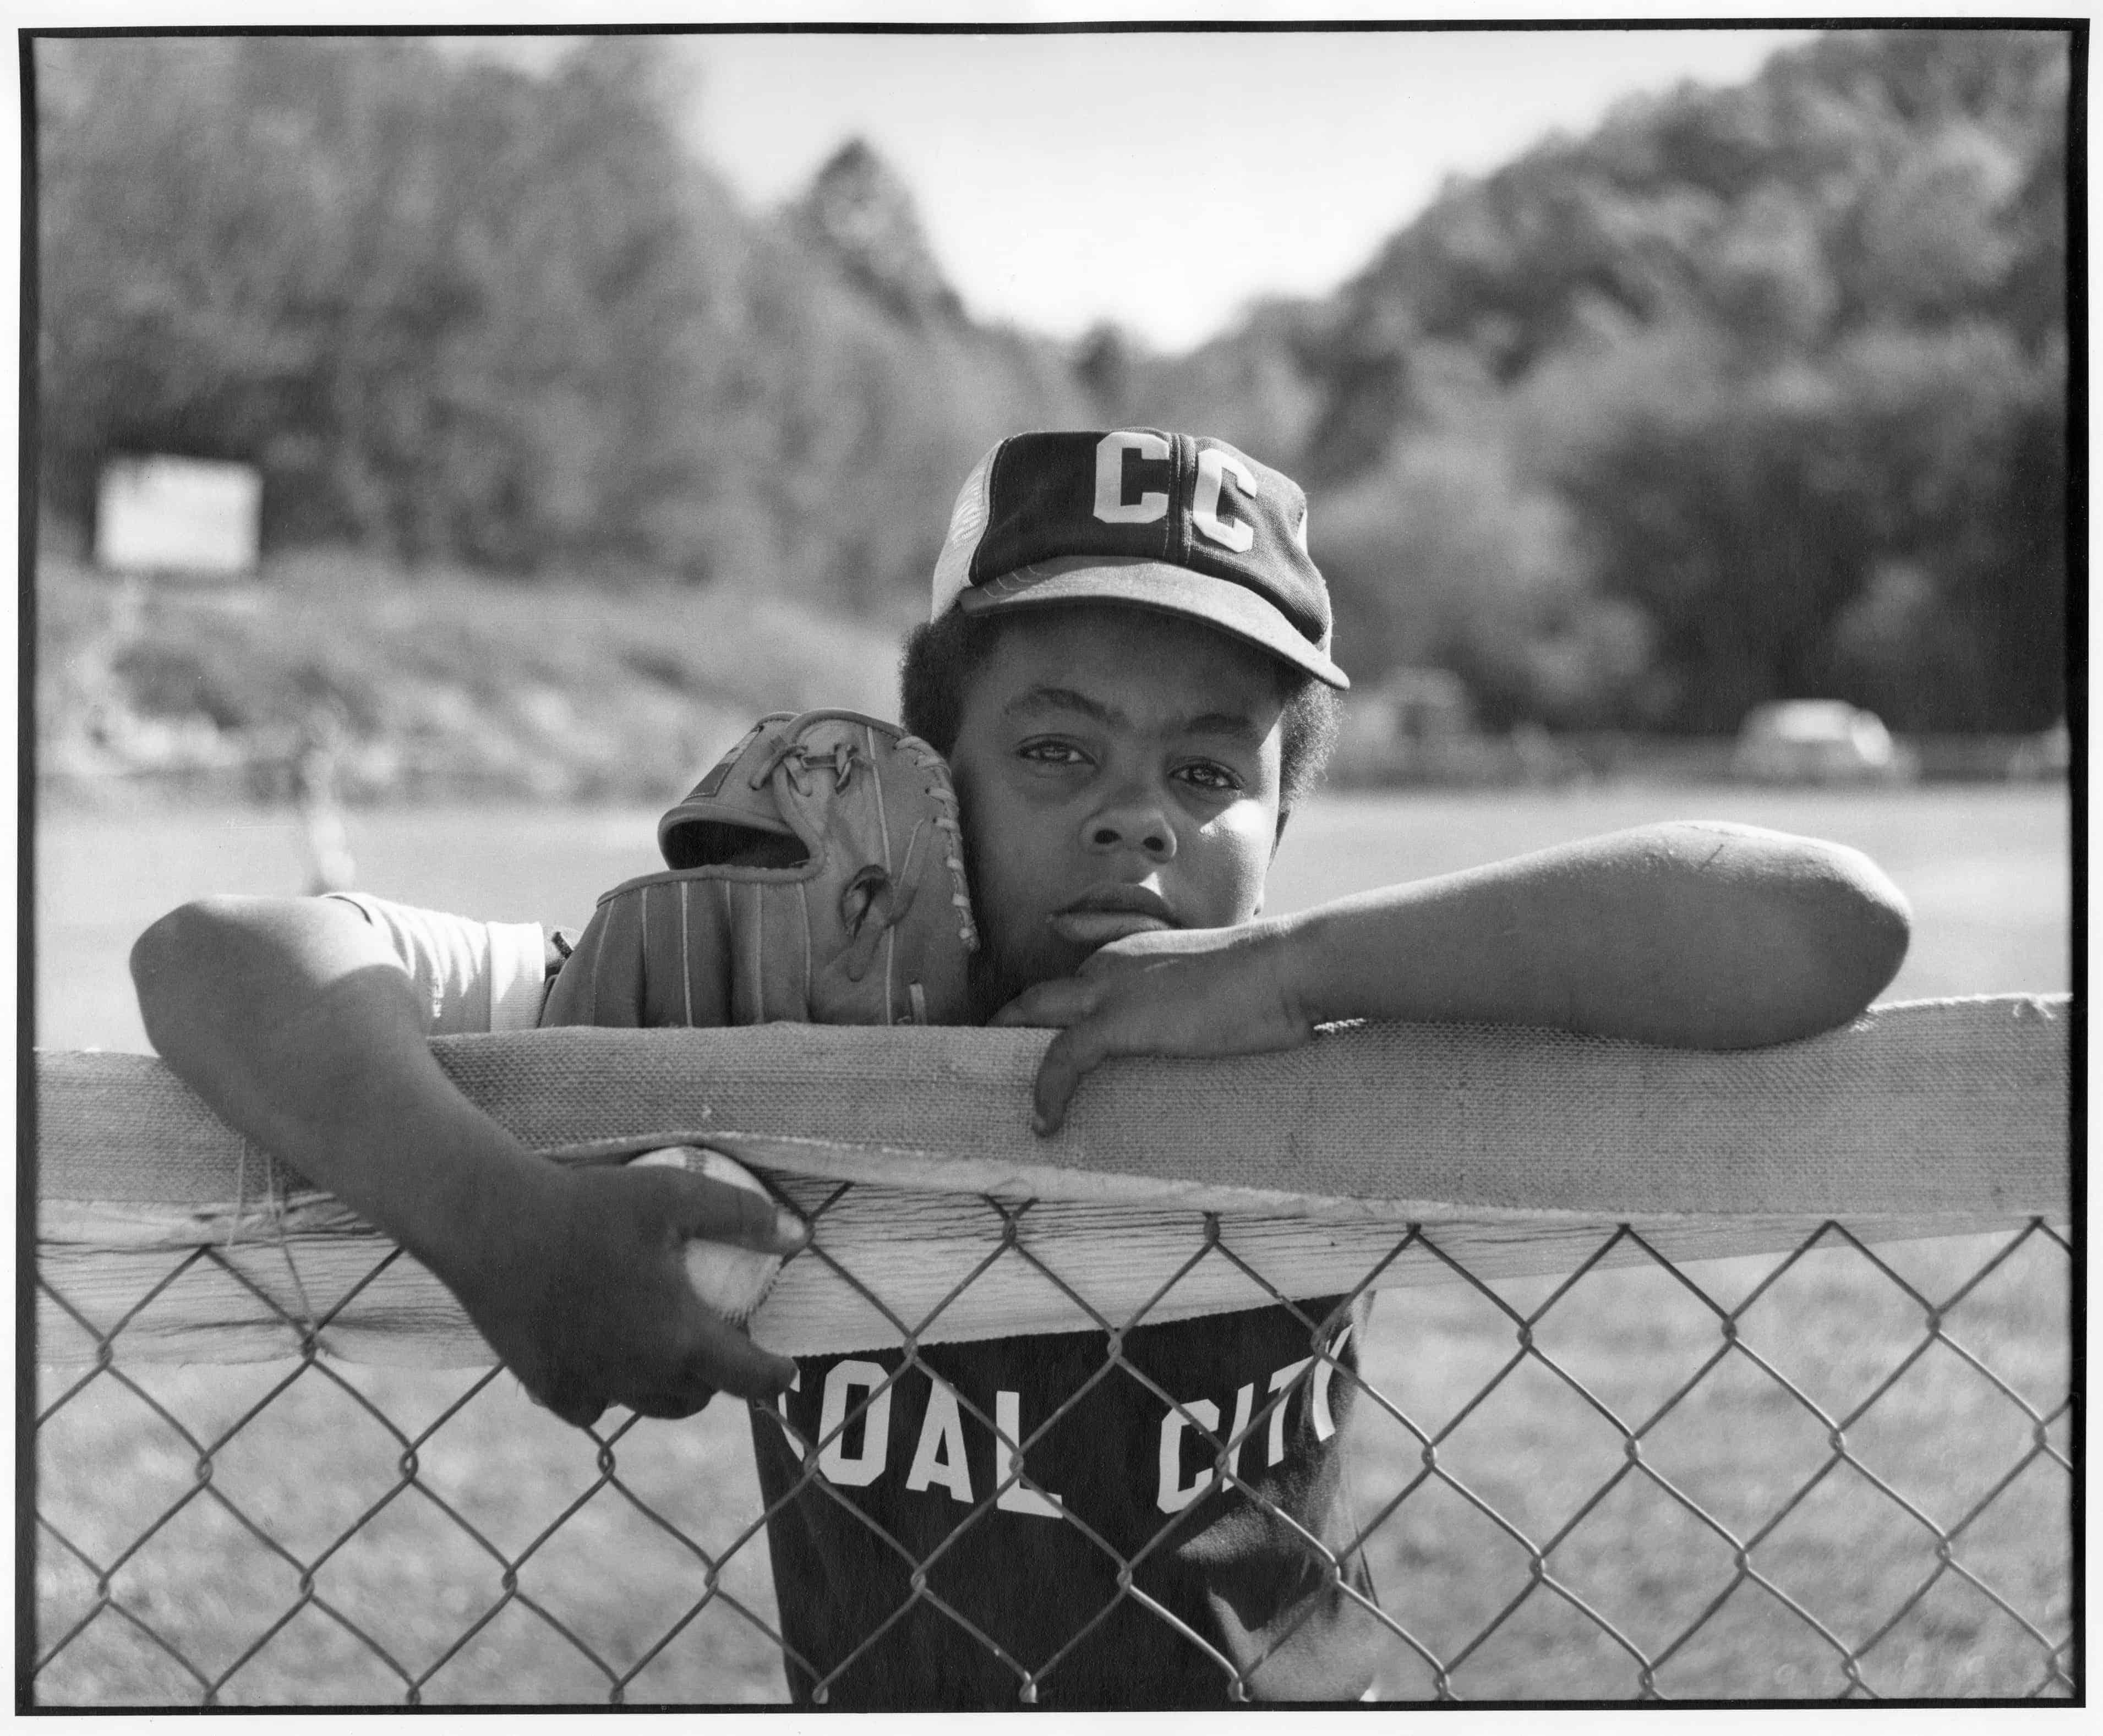 Little League Ball Player.  Beckley, West Virginia